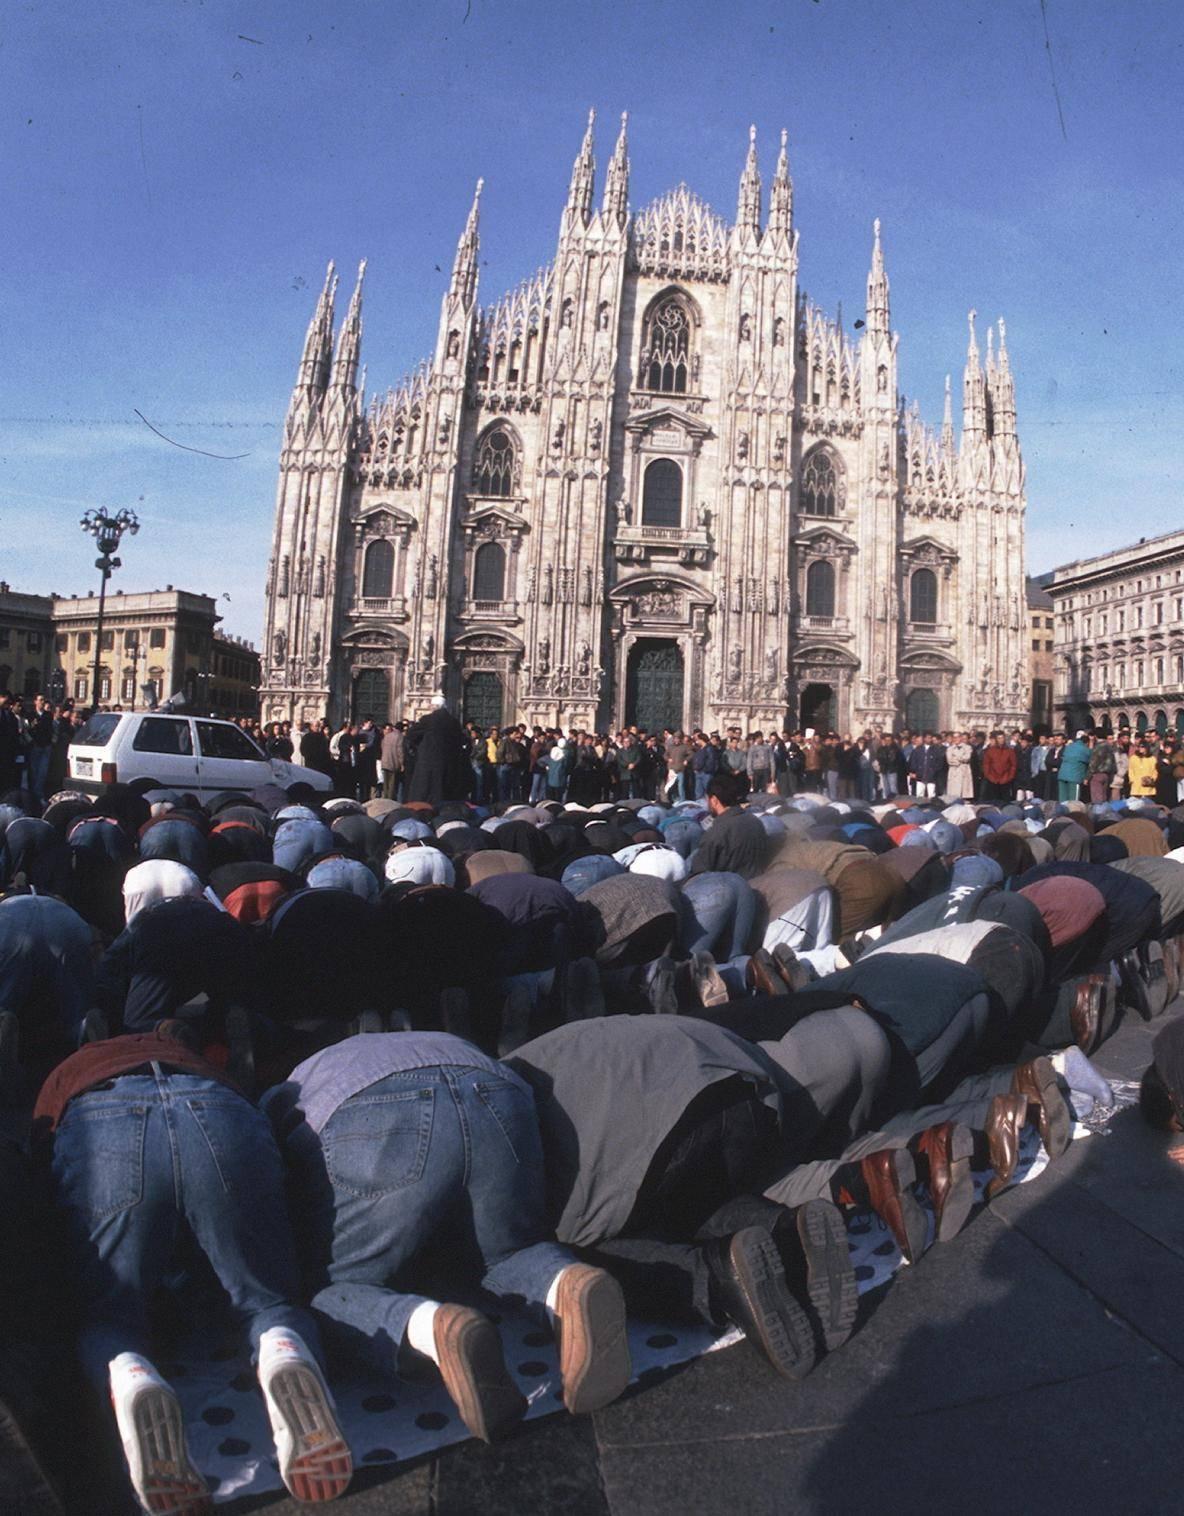 Moschee, sconto assurdo del Comune di Milano: aree a un terzo del valore